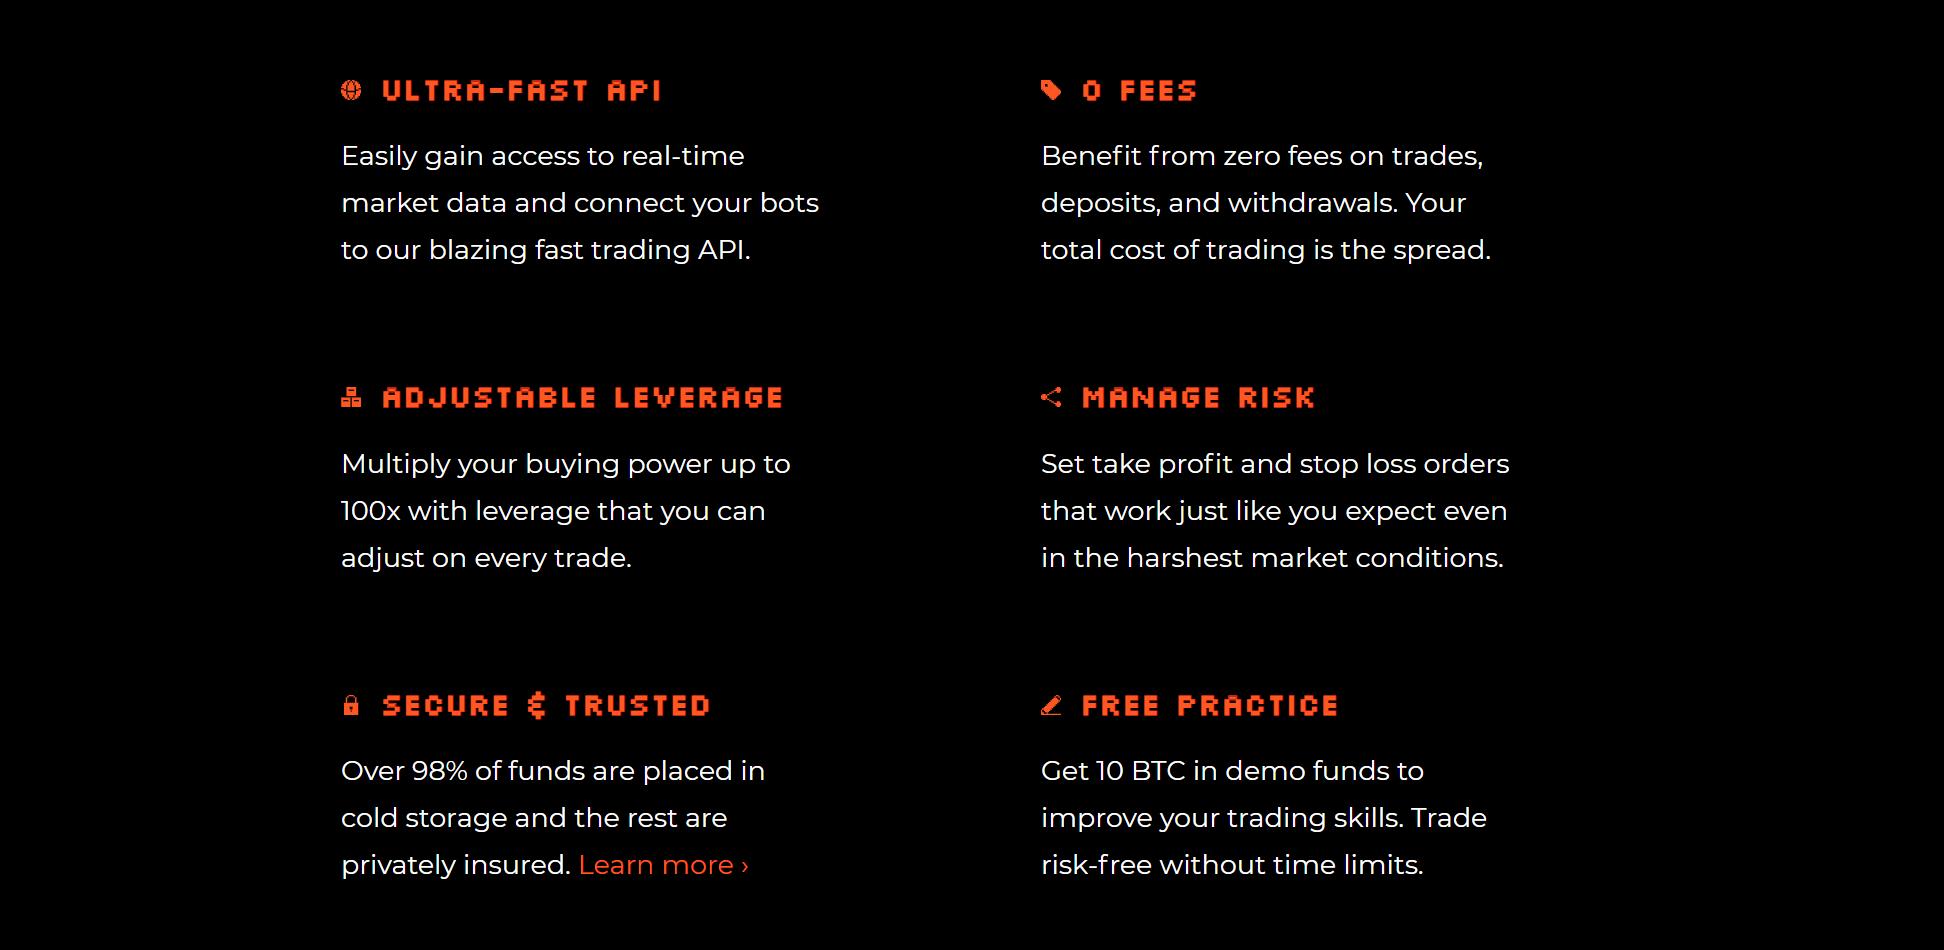 Trade8 Advantages